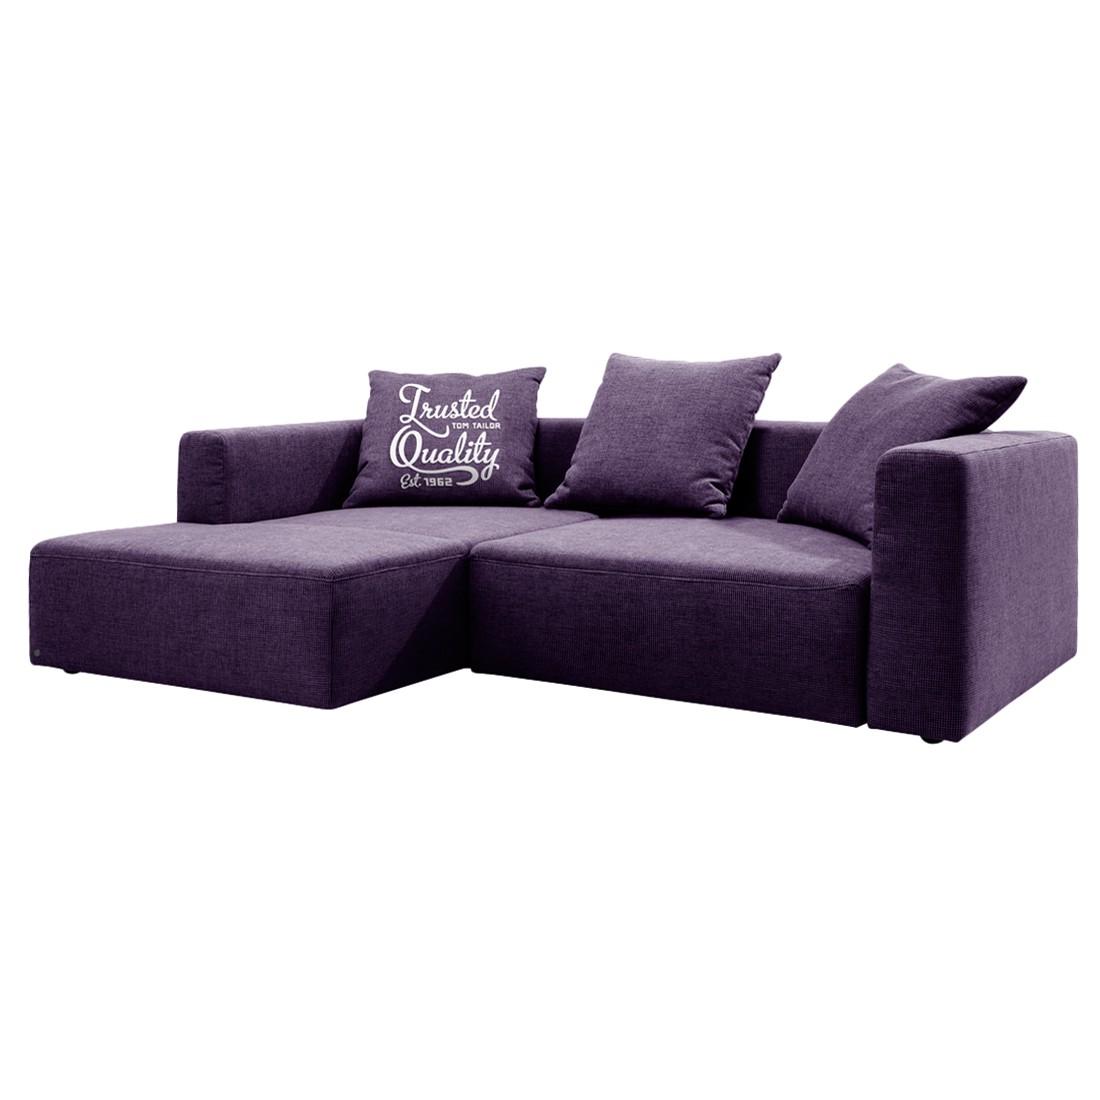 goedkoop Hoekbank Heaven Casual longchair vooraanzicht links Met slaapfunctie Stof TCU47 very purple Tom Tailor